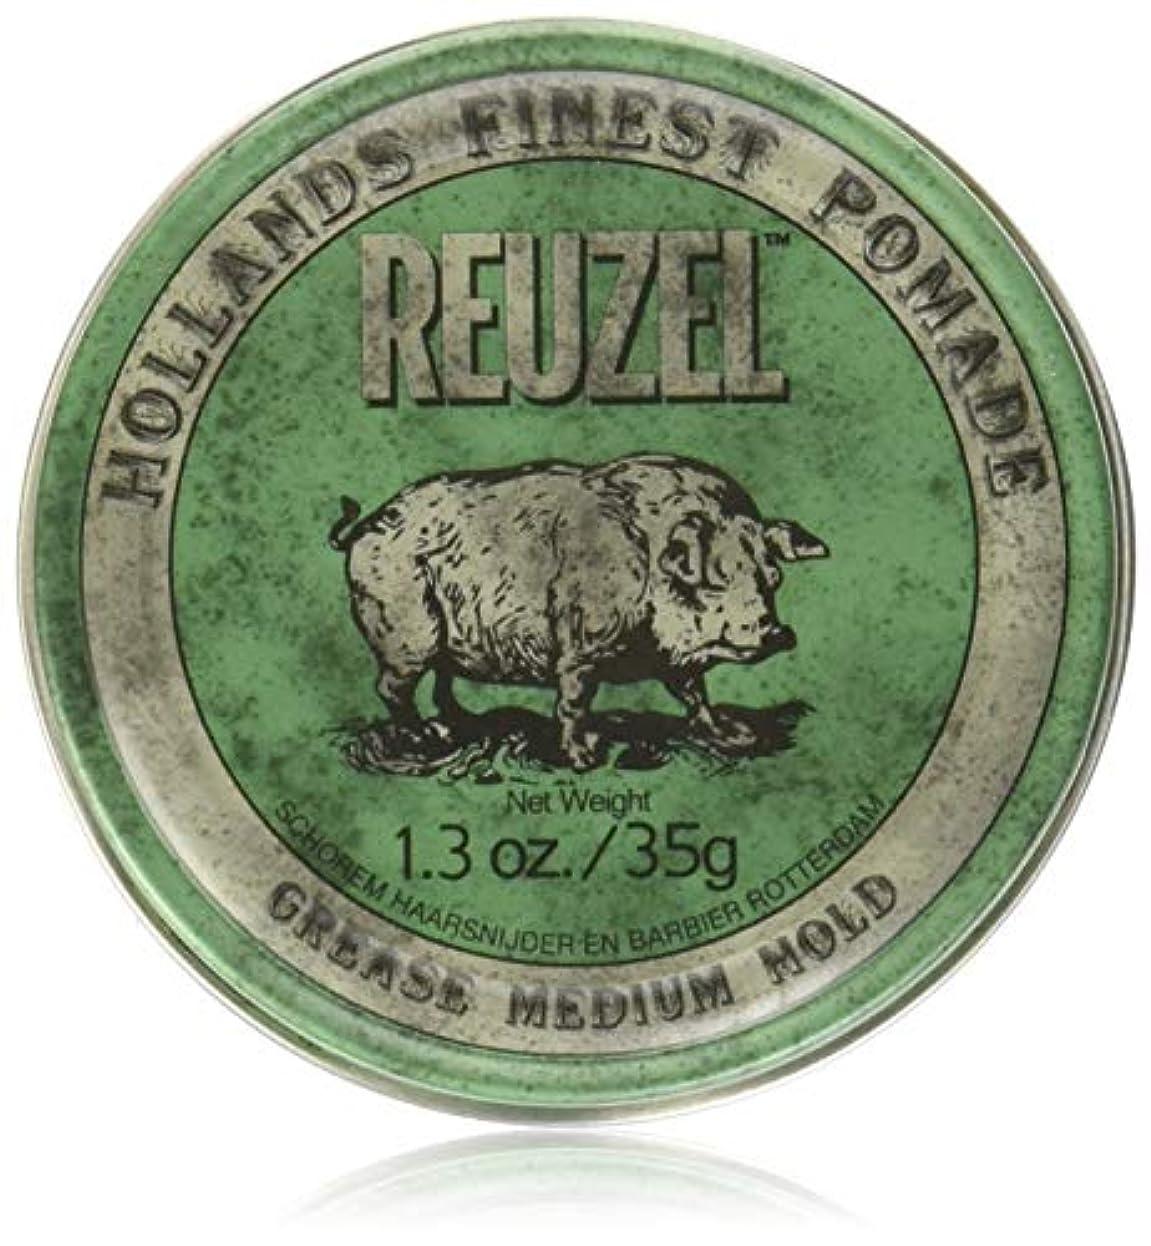 セール言い直す再びREUZEL Grease Hold Hair Styling Pomade Piglet Wax/Gel, Medium, Green, 1.3 oz, 35g by REUZEL